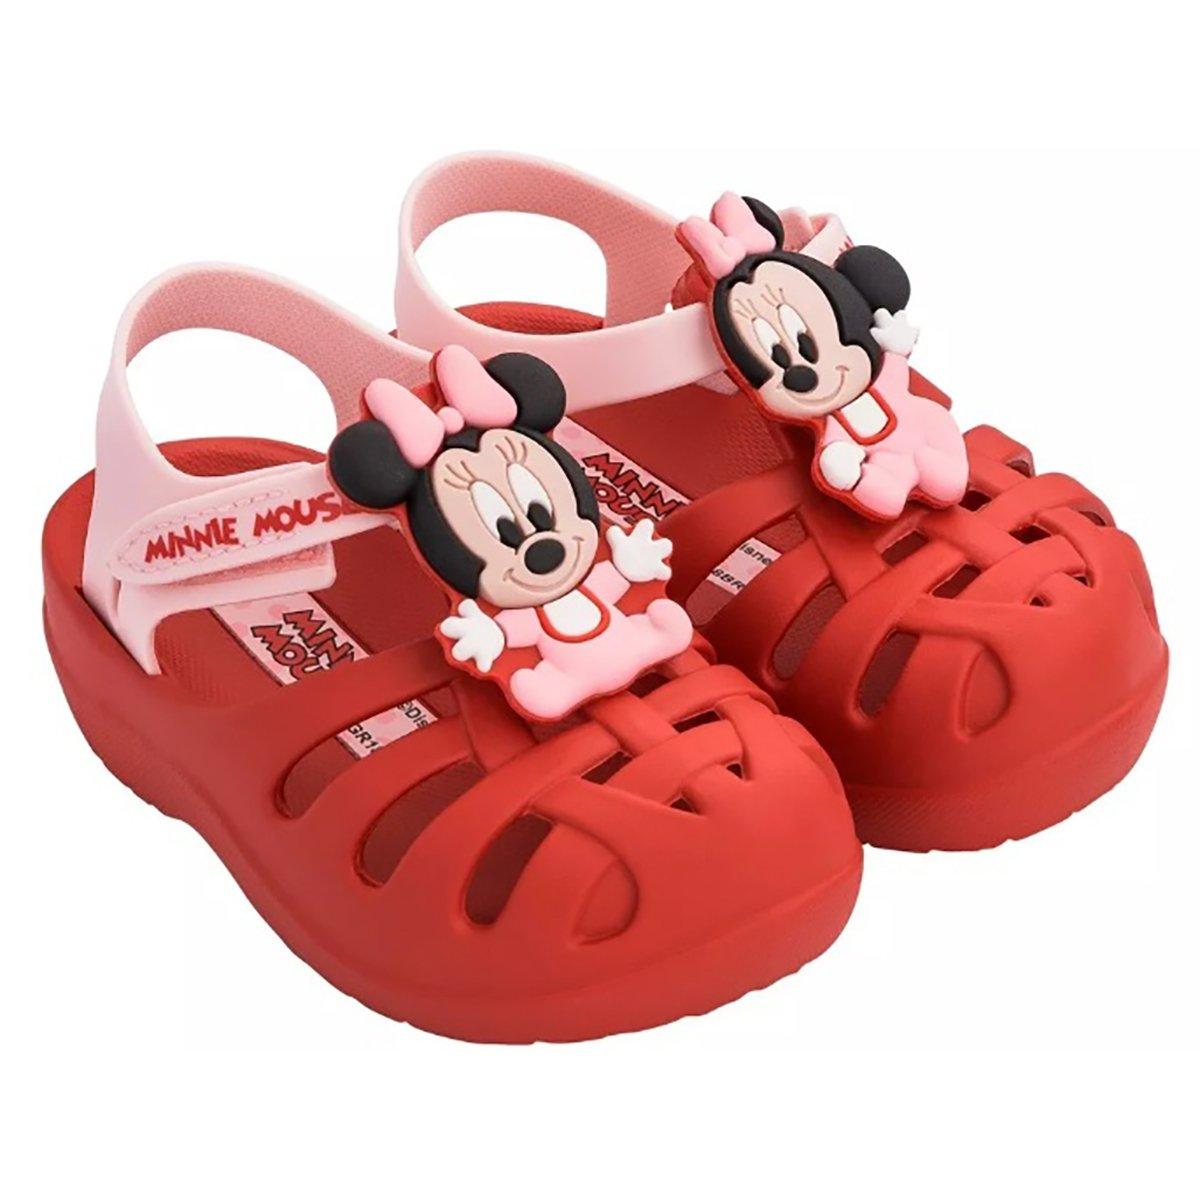 0f9d9bb73 Sandália Minnie Disney Clássicos Grendene Vermelho e Rosa - Compre ...